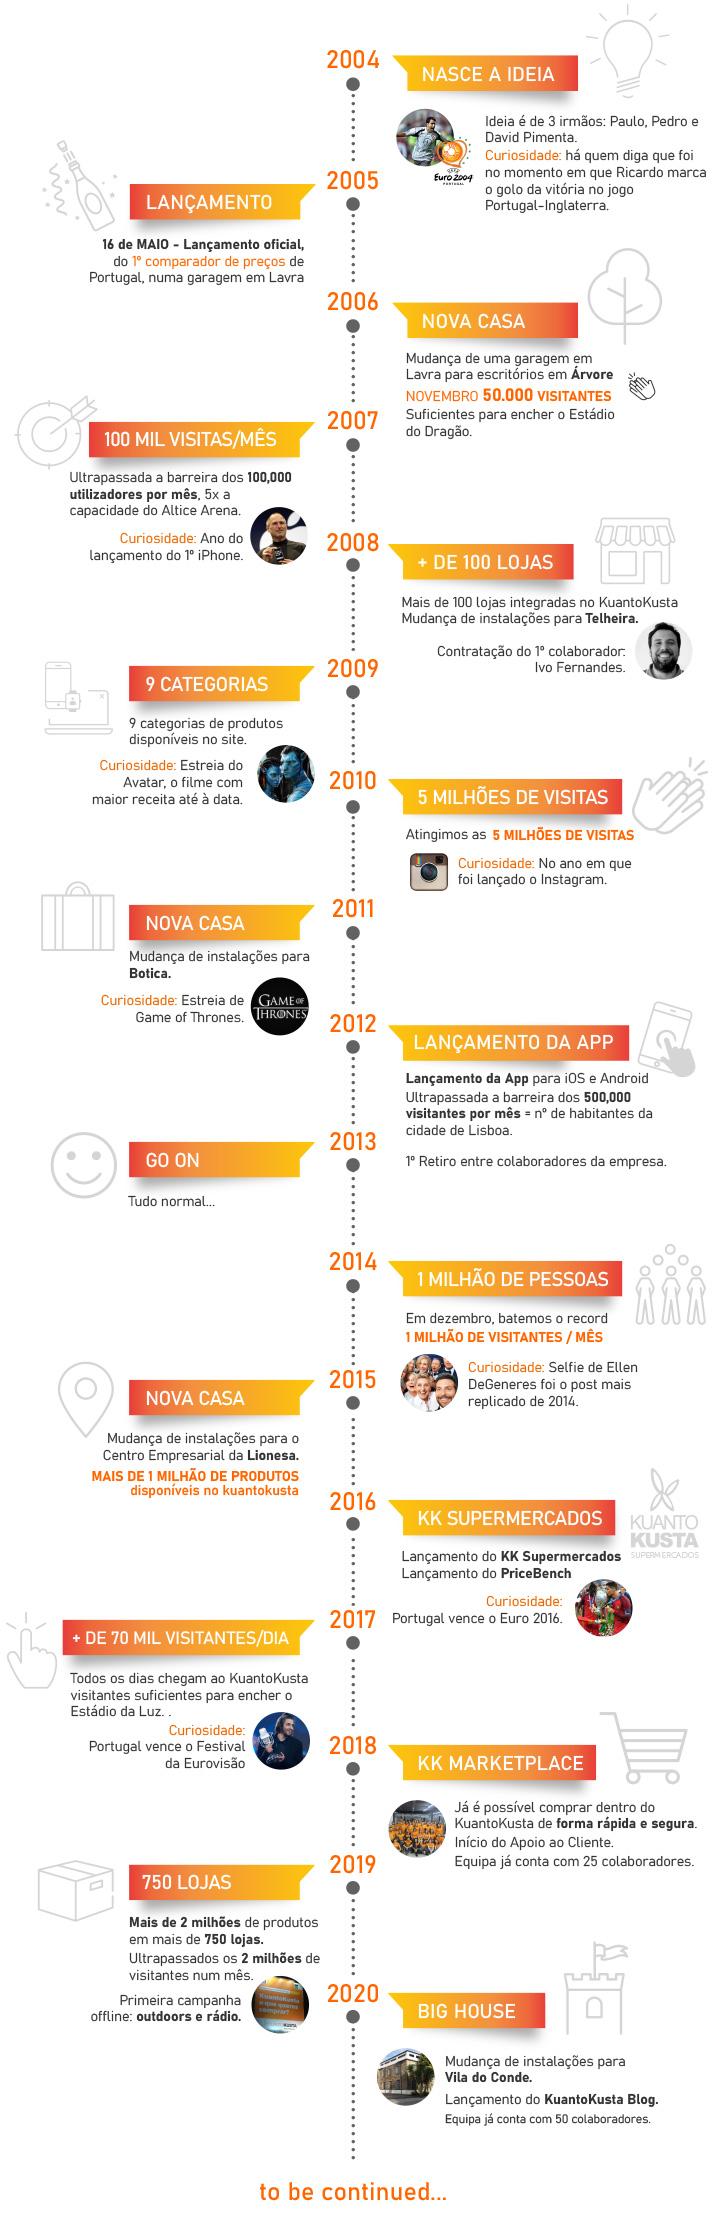 infográfico kuantokusta 15 anos mobile